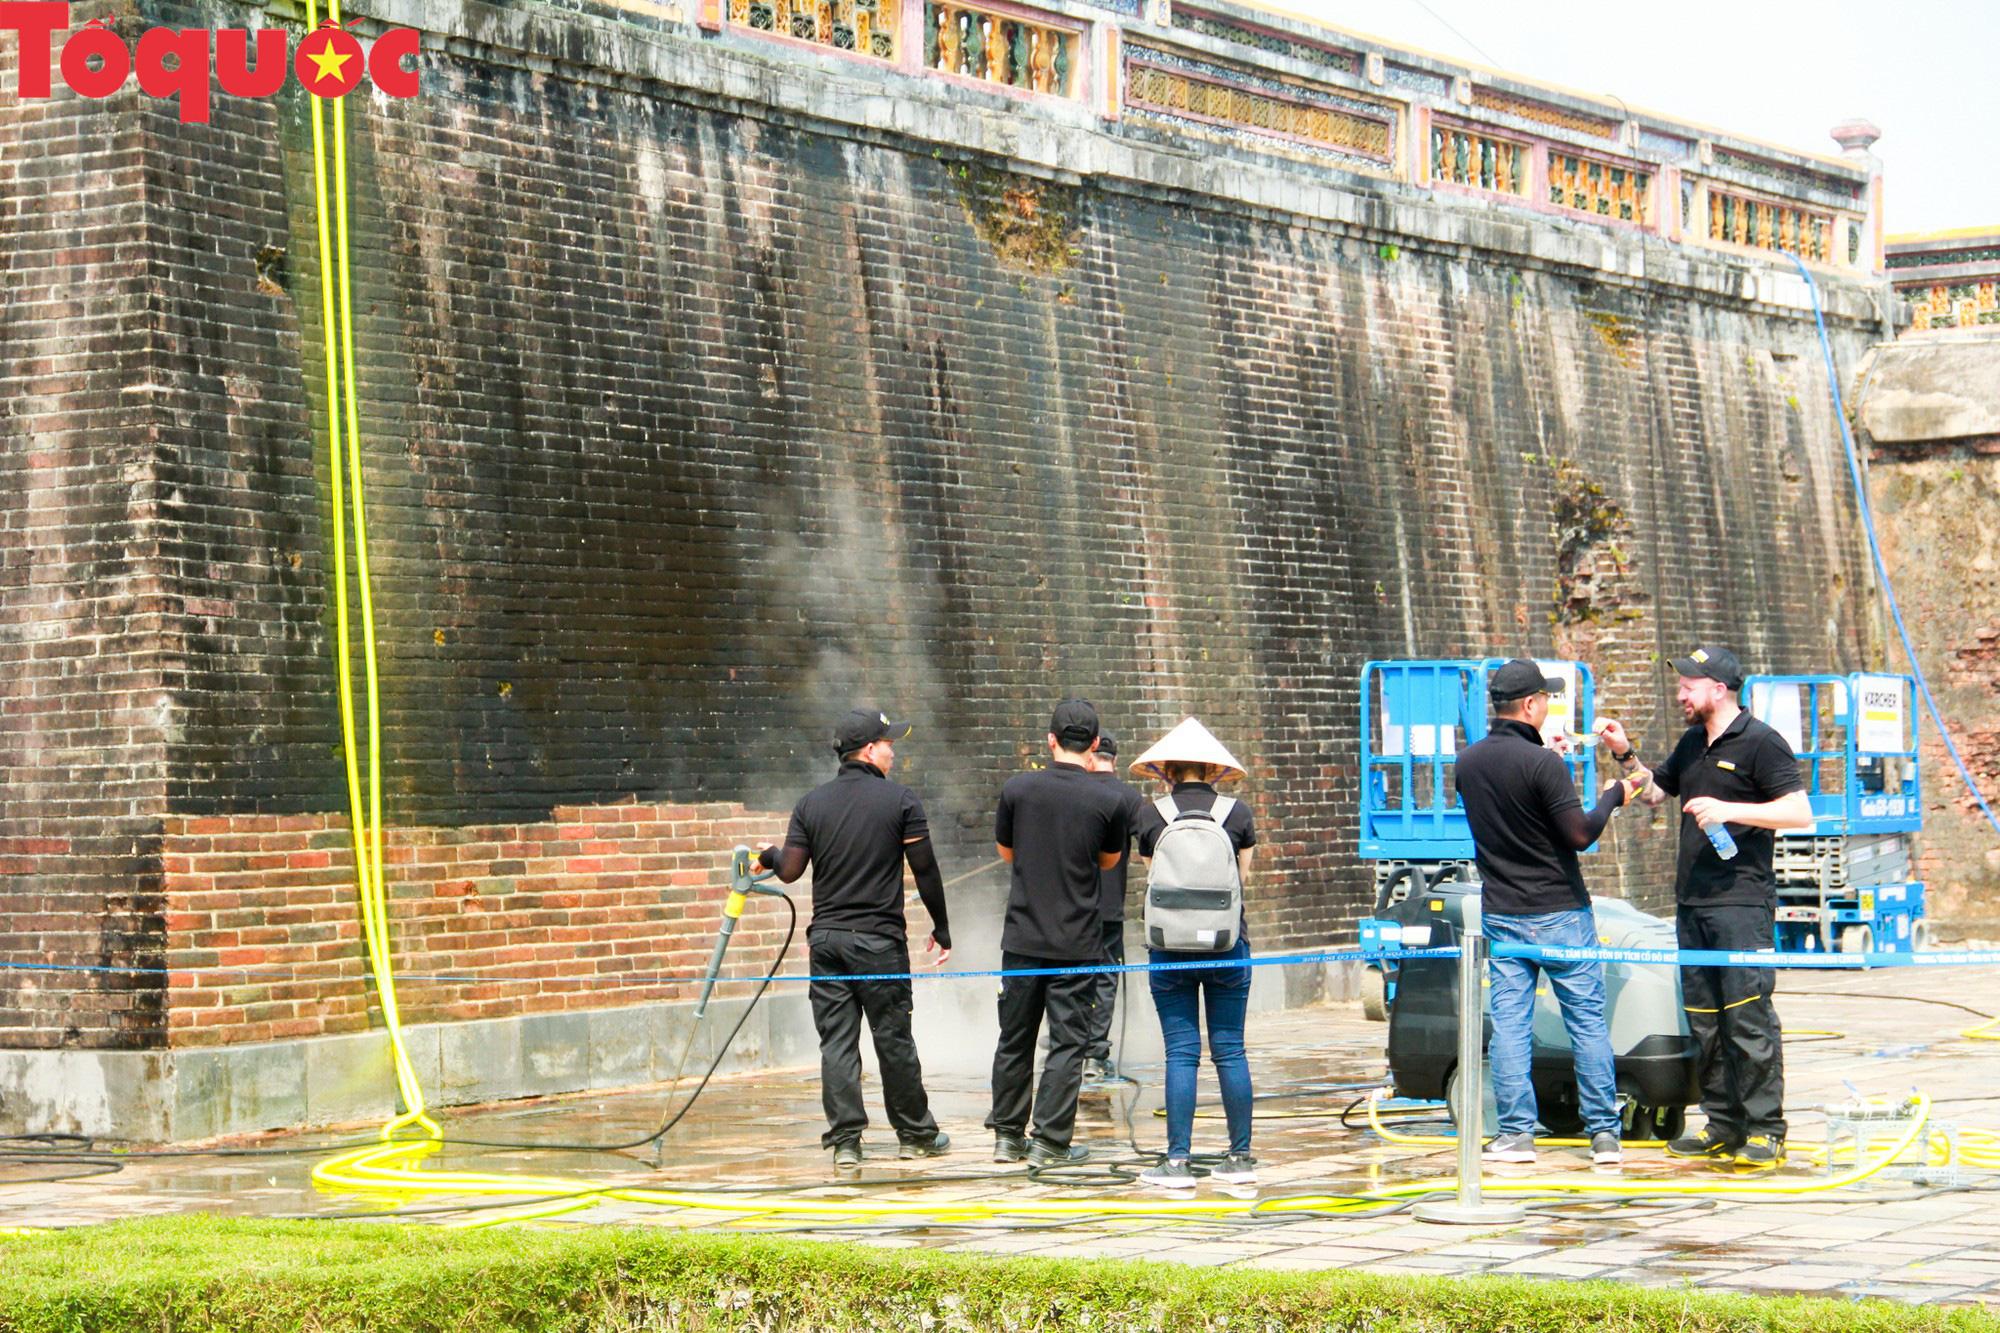 Xem chuyên gia làm sạch cổng Ngọ Môn Huế như đã thực hiện với tượng Chúa Cứu Thế tại Rio De Janeiro - Ảnh 2.